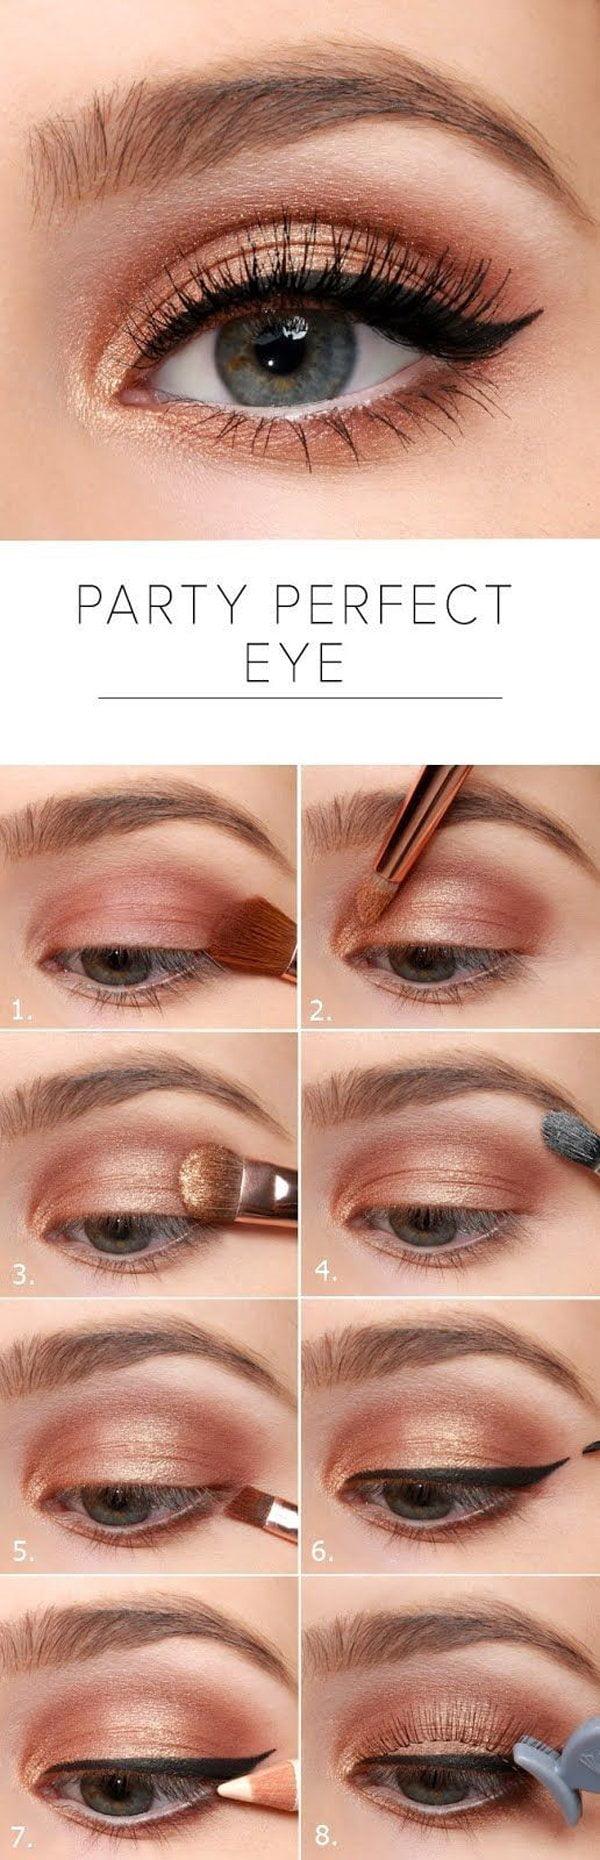 Die Besten Augen Makeup Tutorials Auf Pinterest Schritt Für Schritt